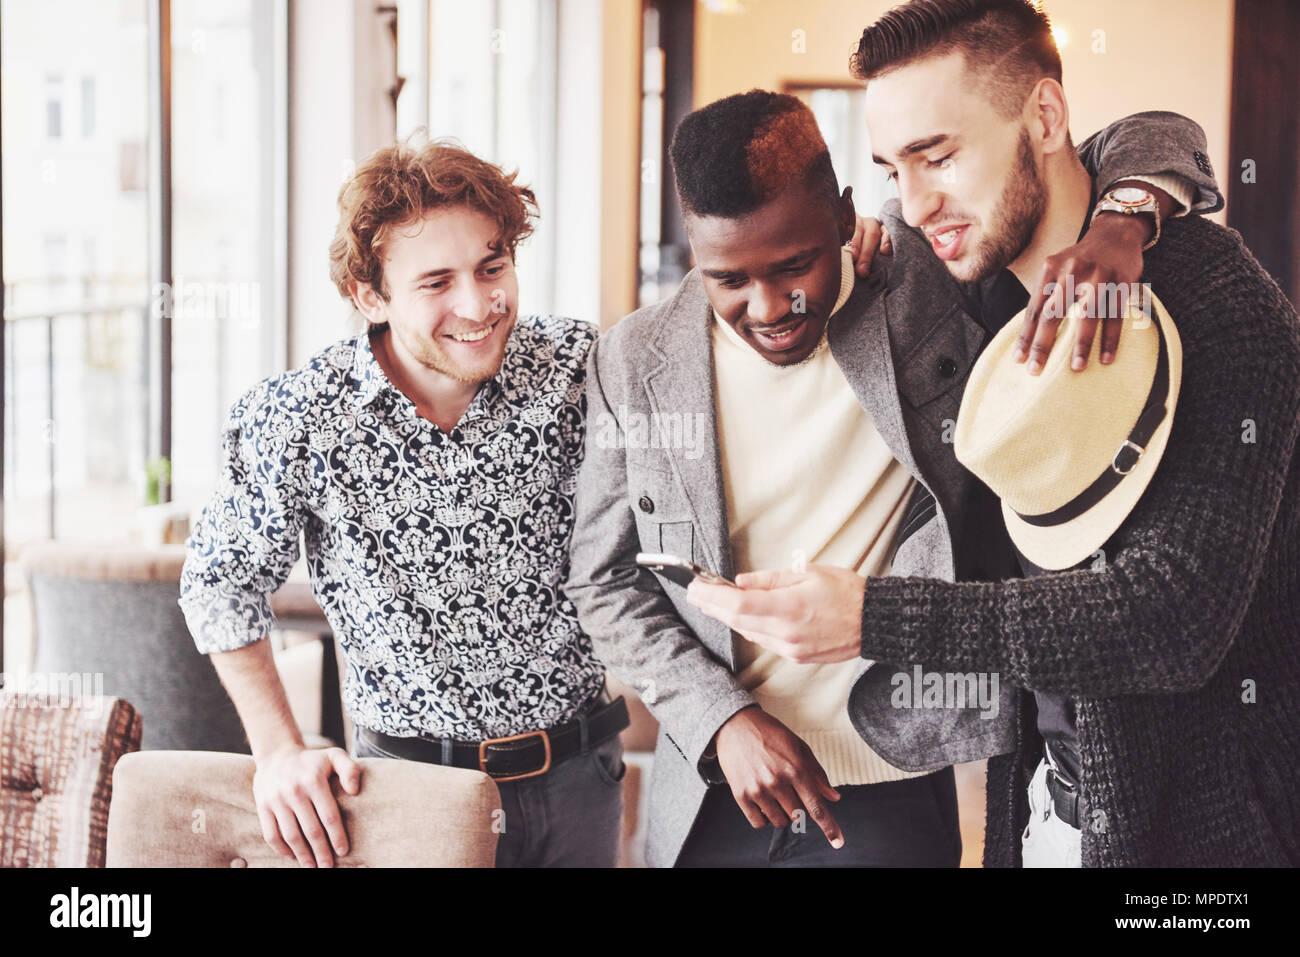 Freundliche alte Freunde untereinander und Telefon beobachten, die im Pub zu kommunizieren. Konzept der Unterhaltung und Lifestyle. Wlan verbunden Menschen in bar Tisch Stockbild